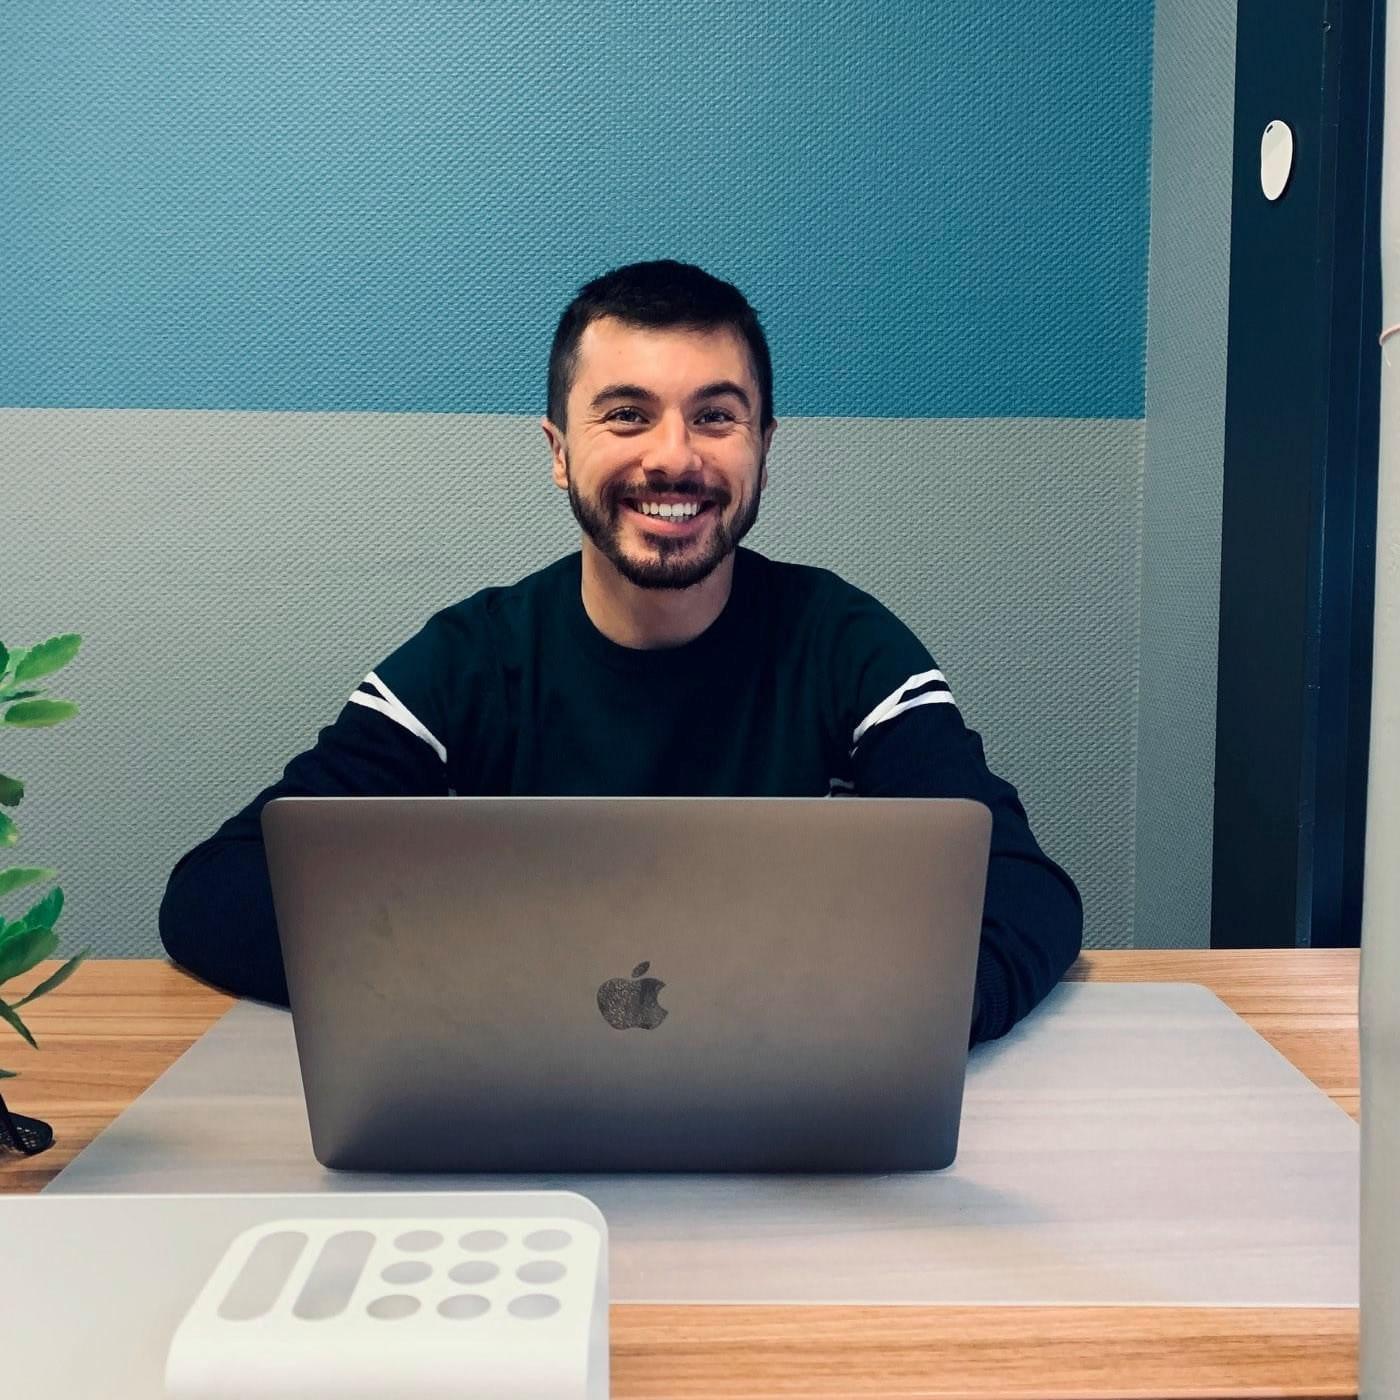 #36 - Sébastien est freelance dans une agence de webmarketing